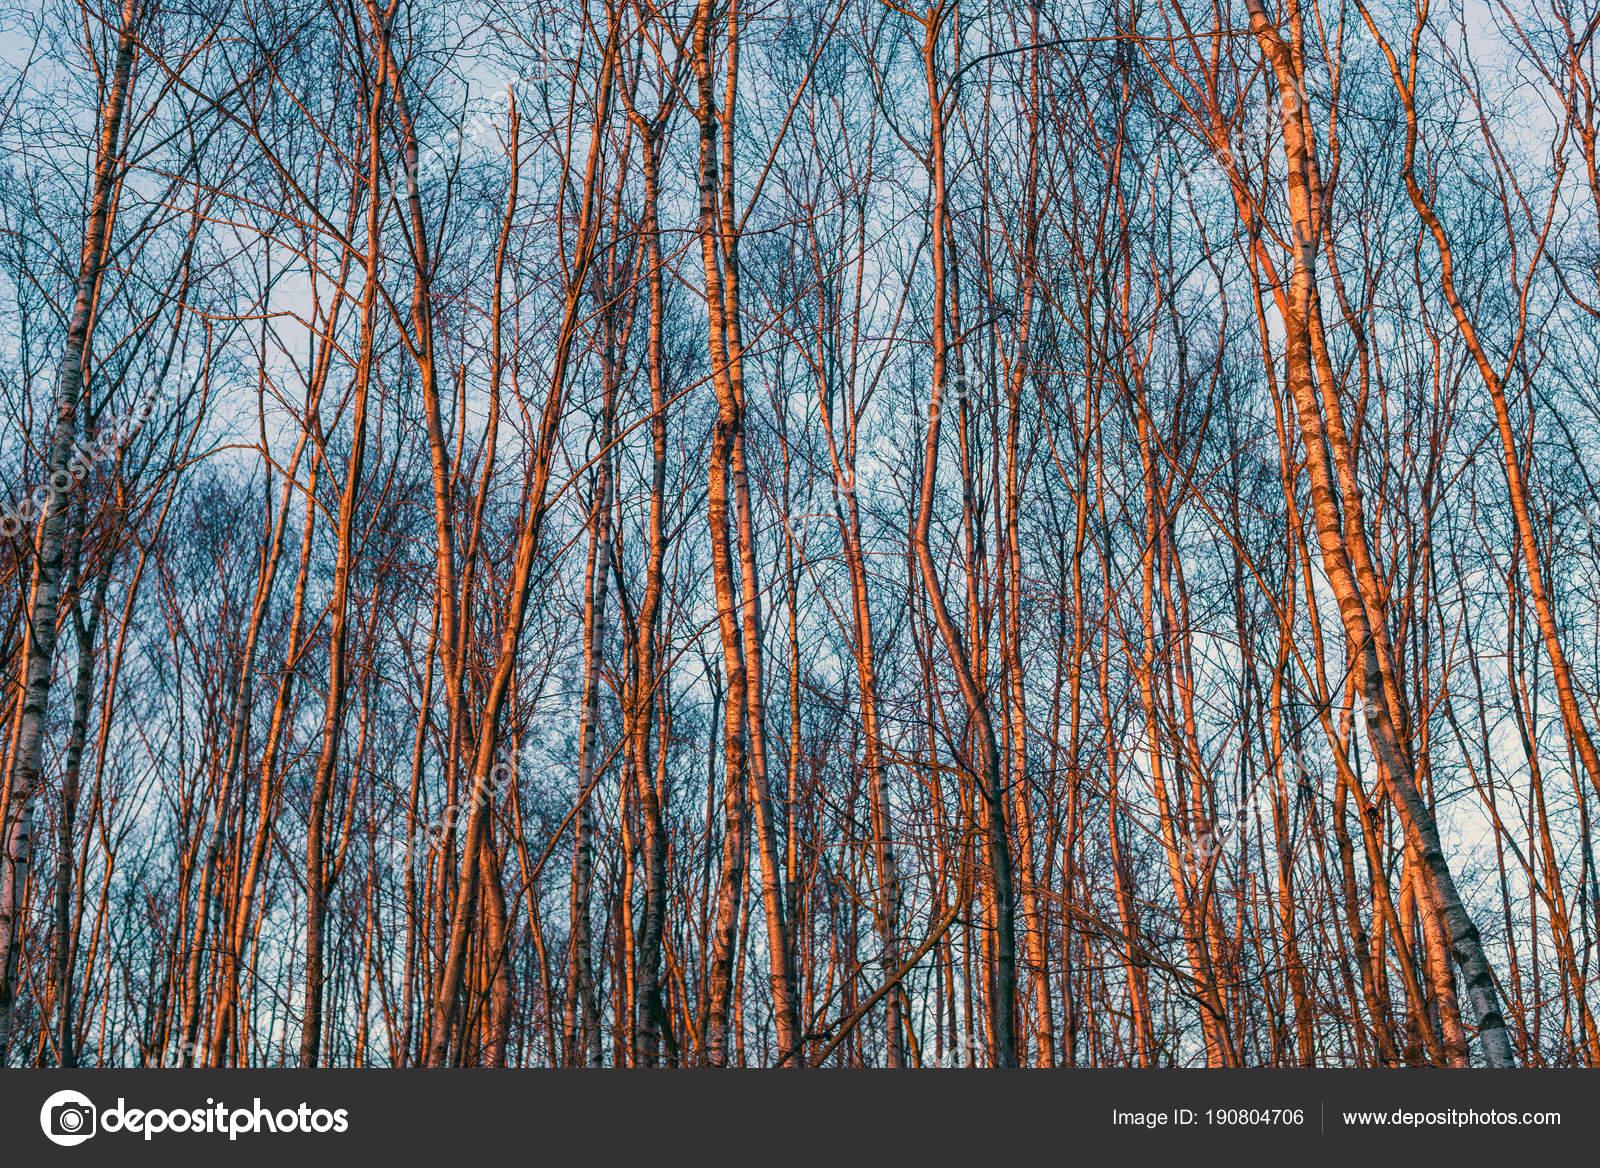 Troncos de abedul de invierno — Fotos de Stock © ysbrand #190804706